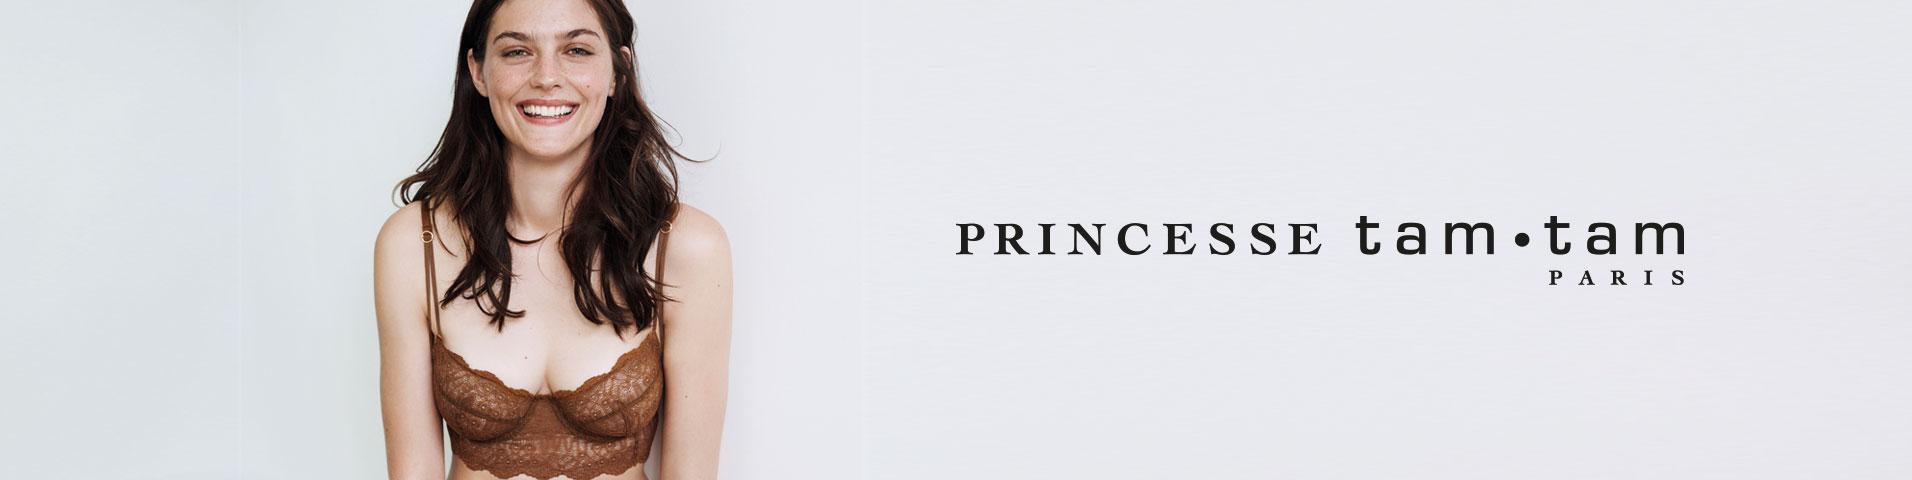 PRINCESS tam tam 廣告